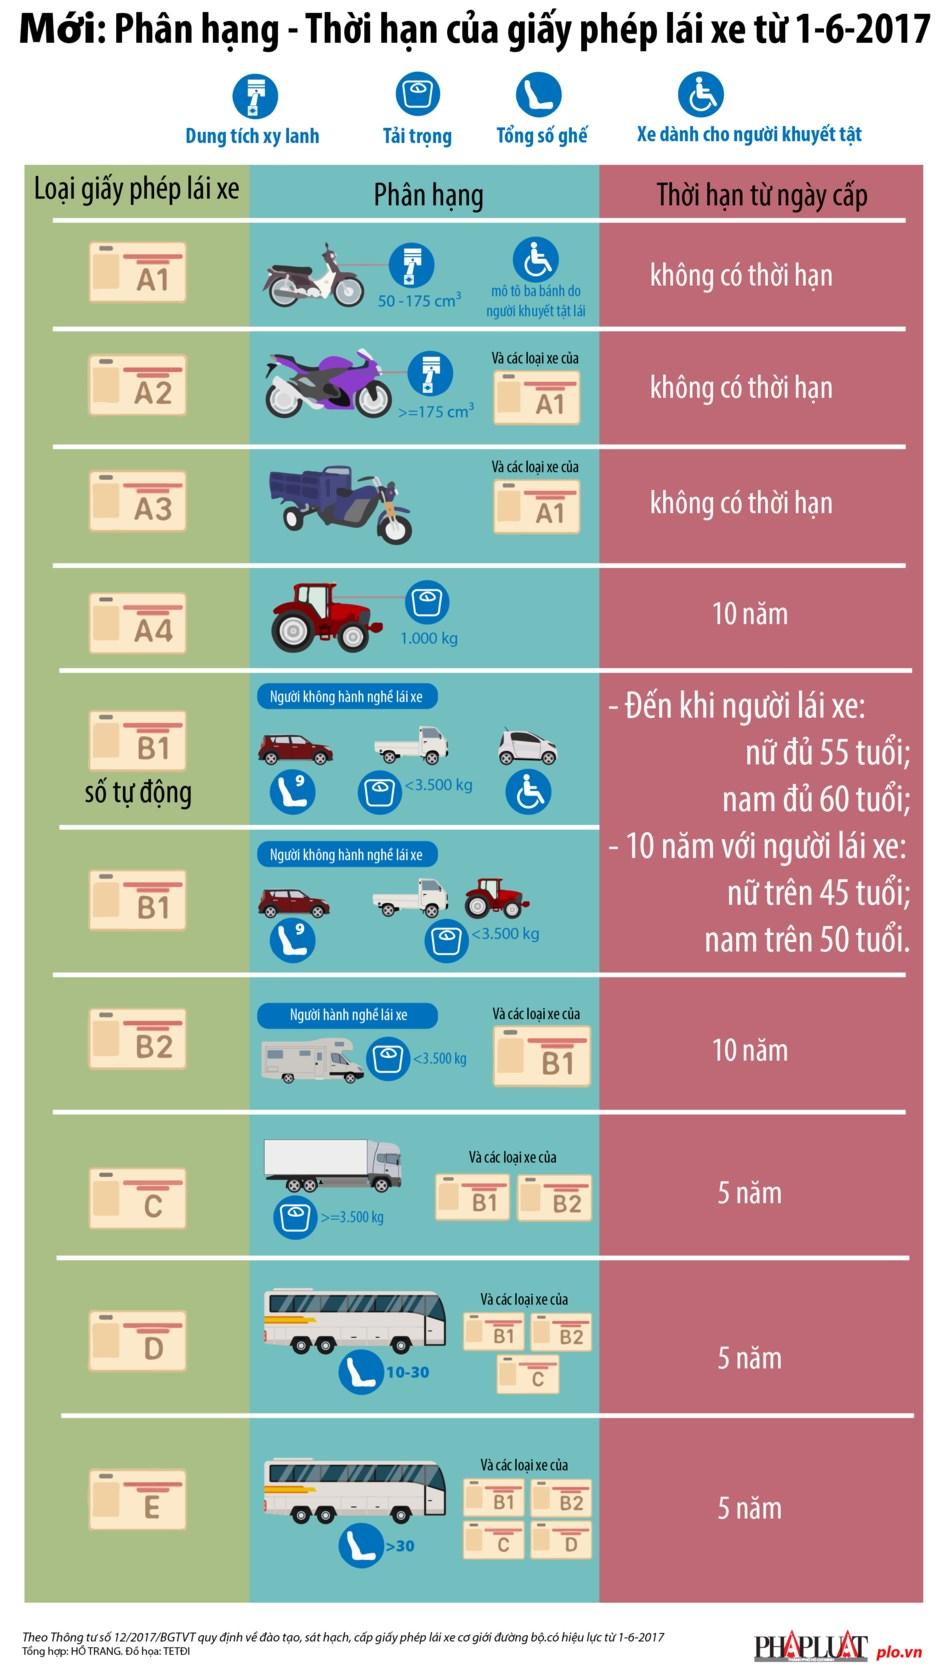 Phân hạng, thời hạn giấy phép lái xe từ 1-6-2017 - 1